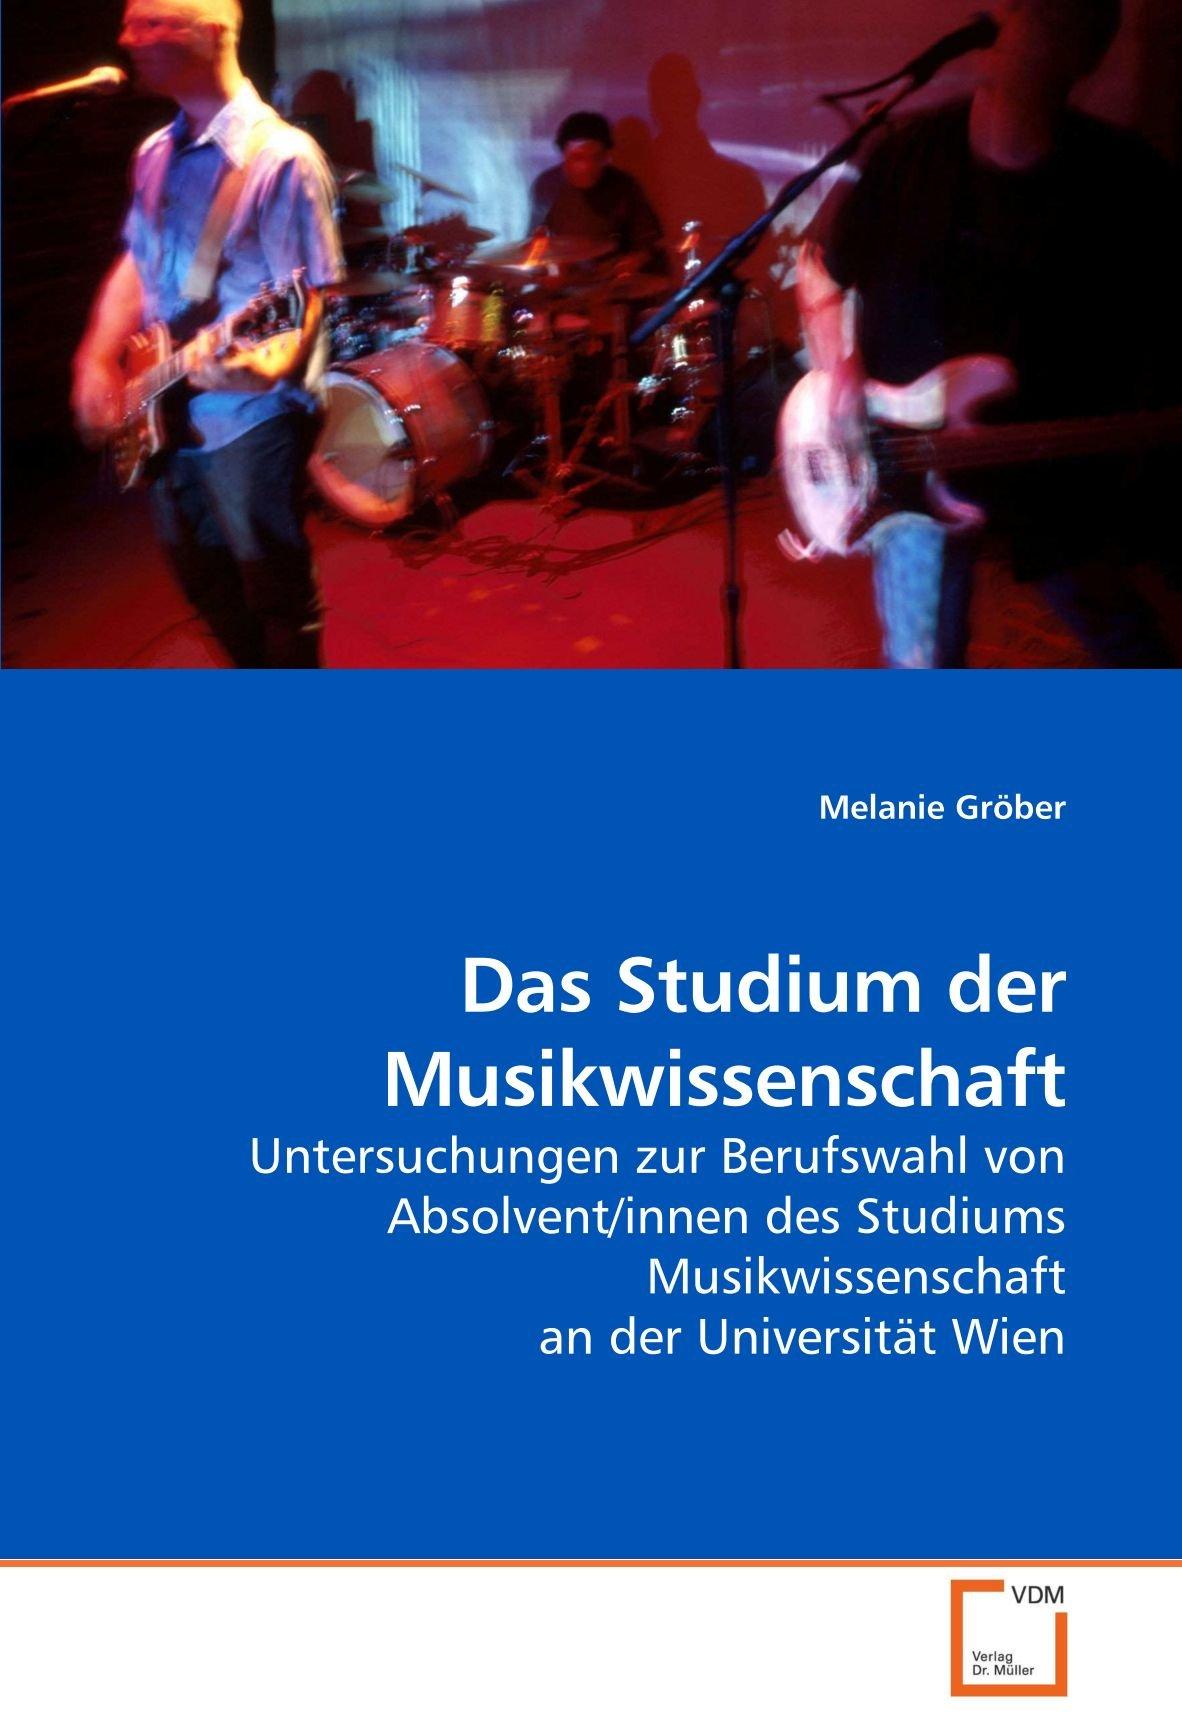 Das Studium der Musikwissenschaft: Untersuchungen zur Berufswahl von Absolvent/innen des Studiums Musikwissenschaft an der Universität Wien